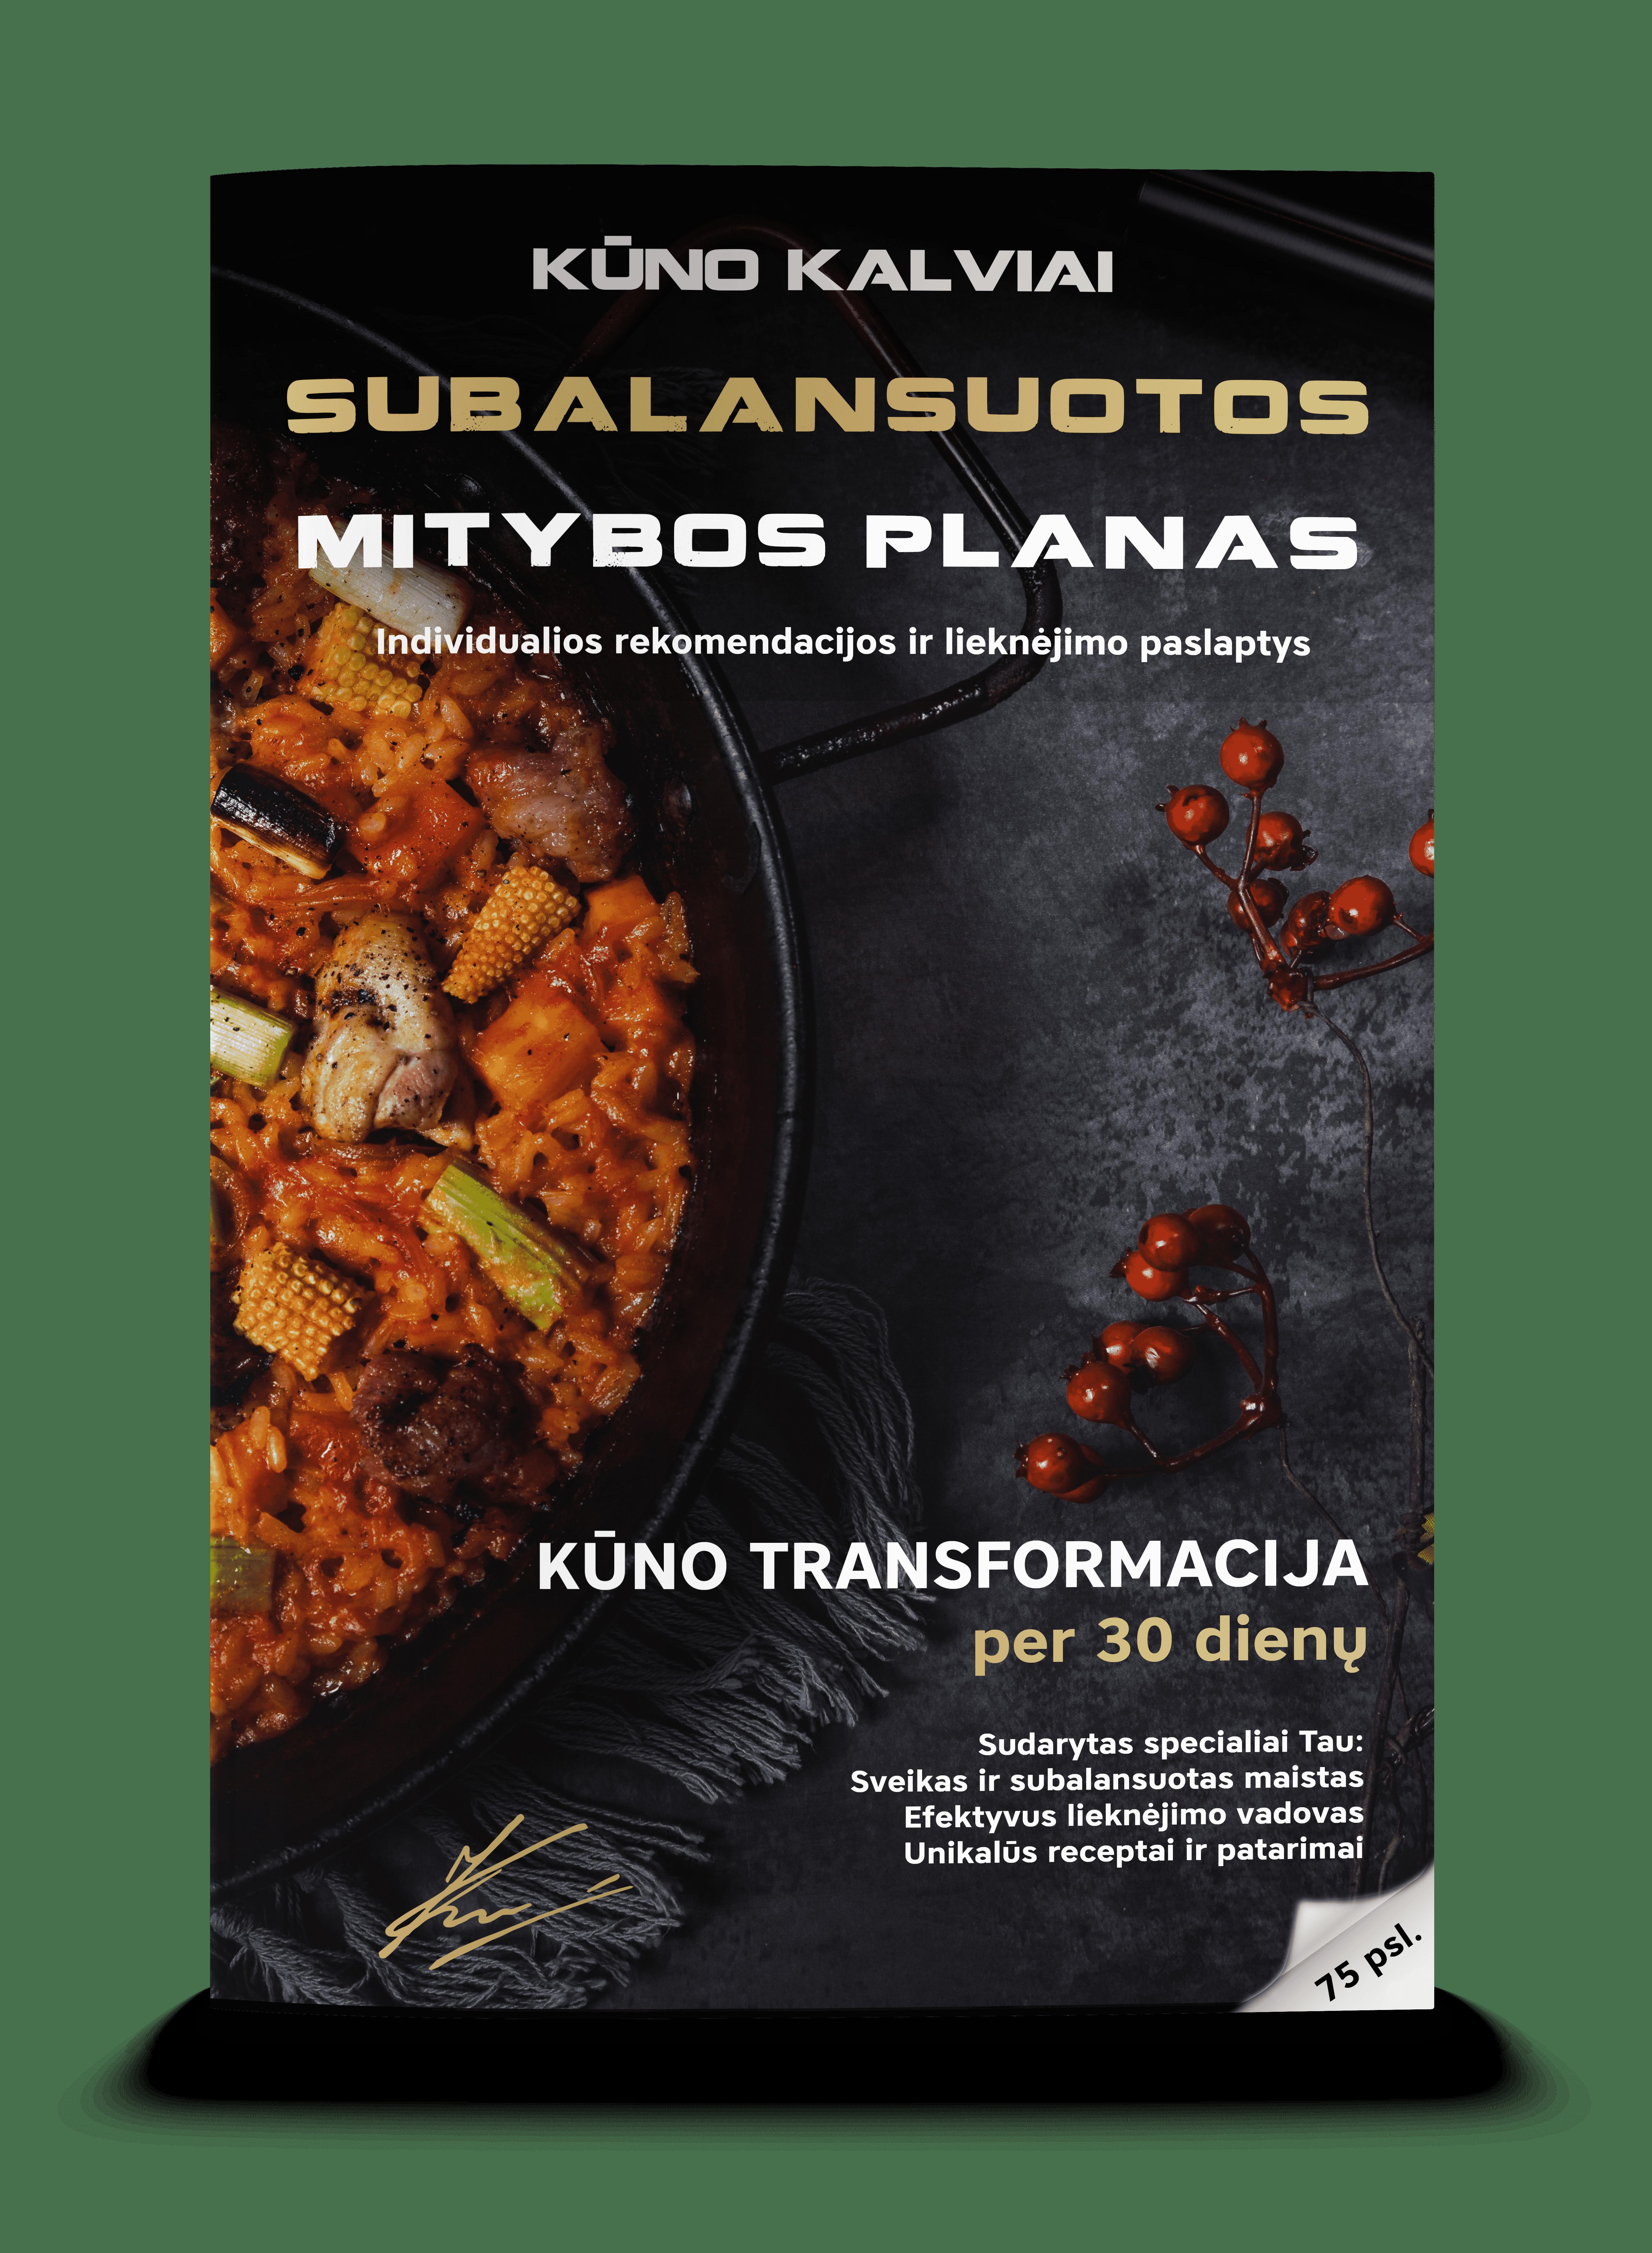 Subalansuotos mitybos planas